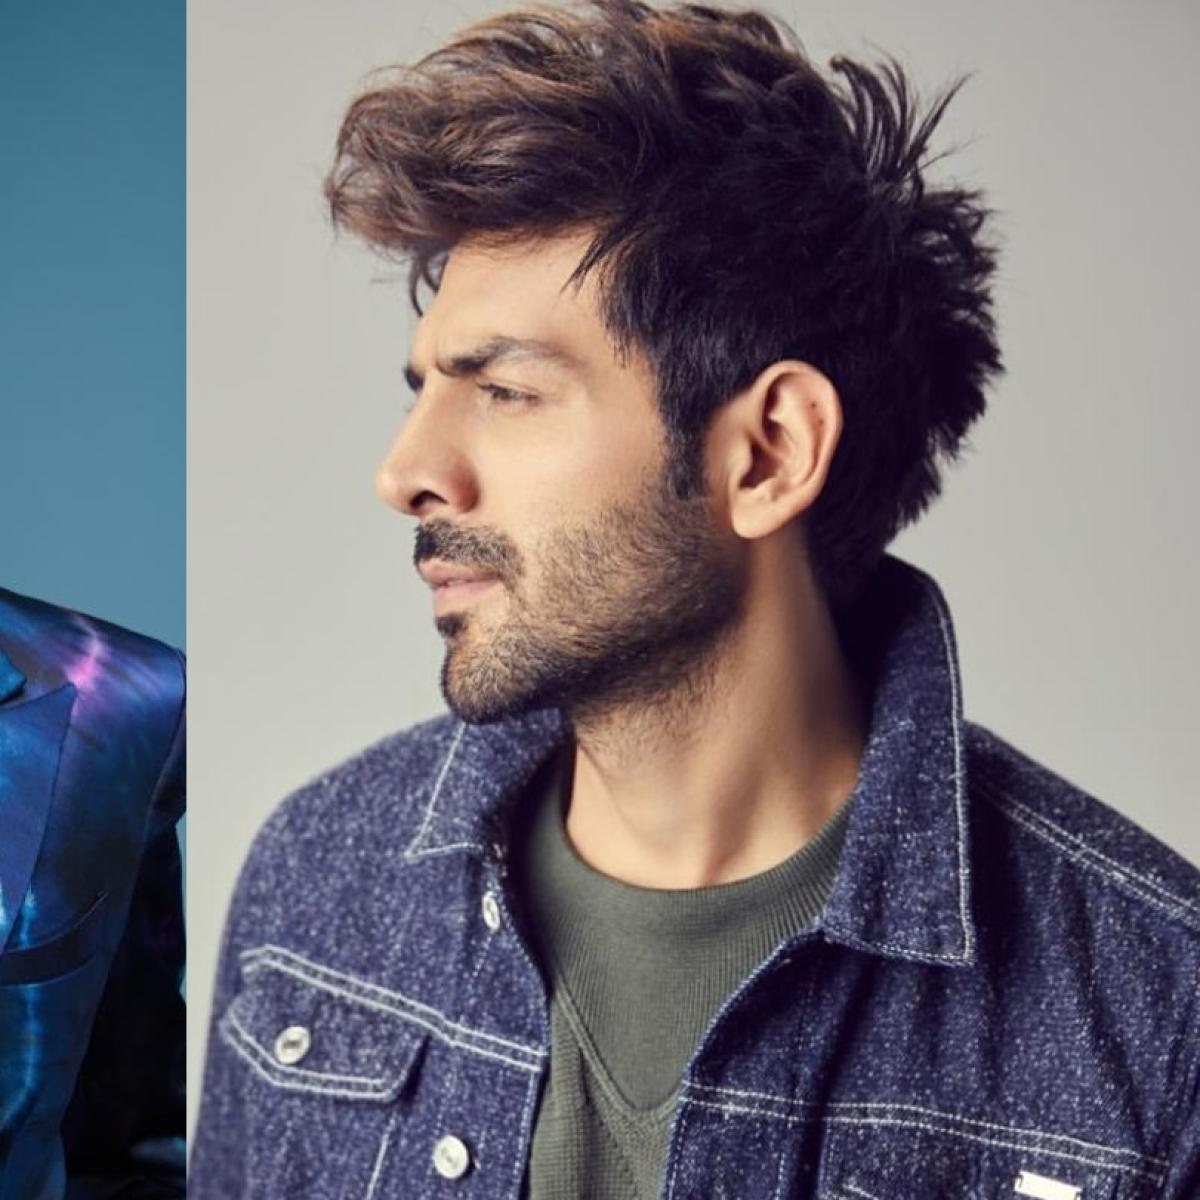 Dostana 2: After replacing Kartik Aaryan, Karan Johar unfollows him on Instagram